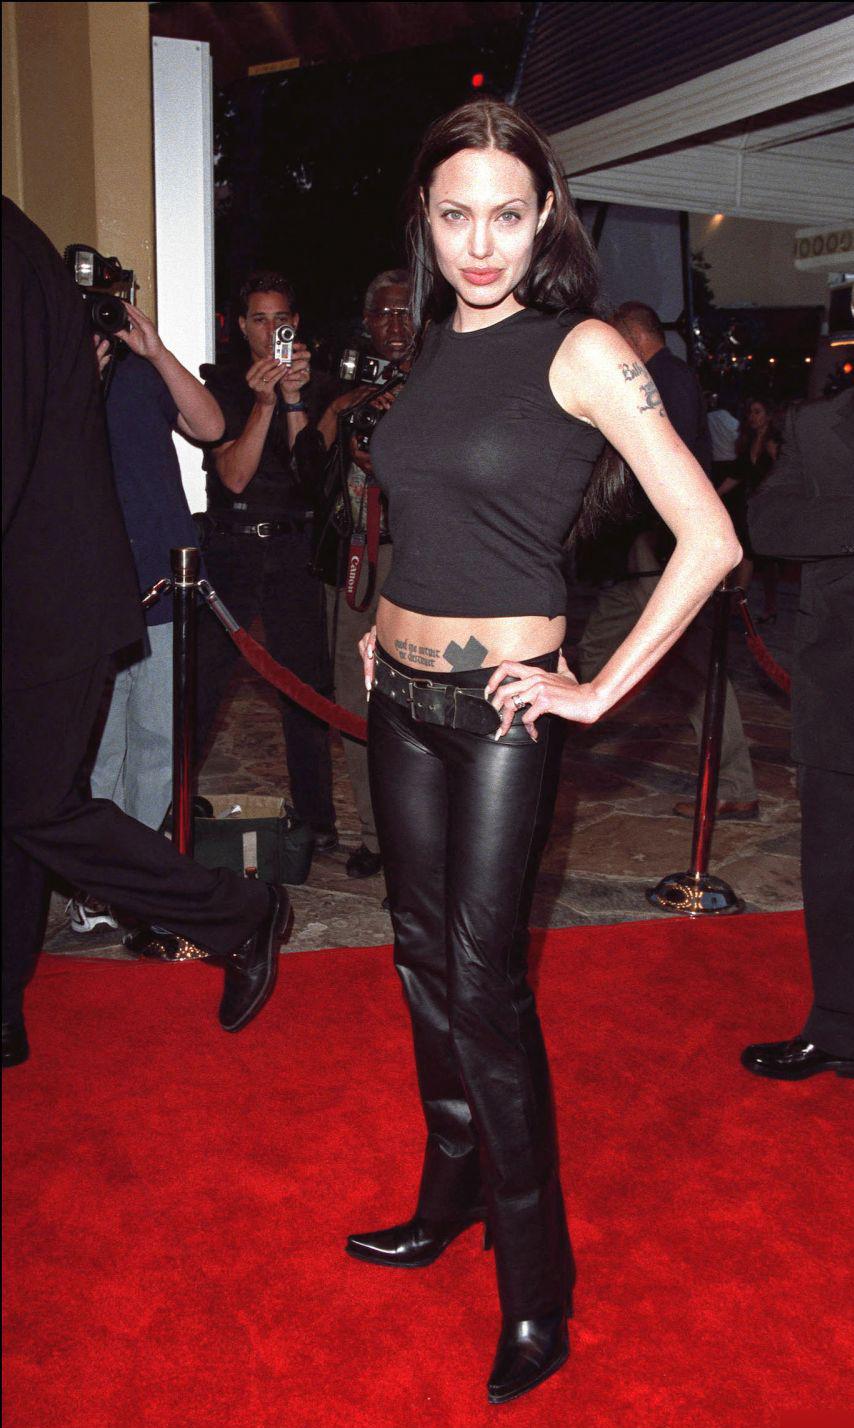 Ở thảm đỏ công chiếu Tomb Raider cùng năm, cô chọn phong cách thập niên 1990 với áo ngắn hở eo và quần da ống đứng, bốt cổ ngắn.